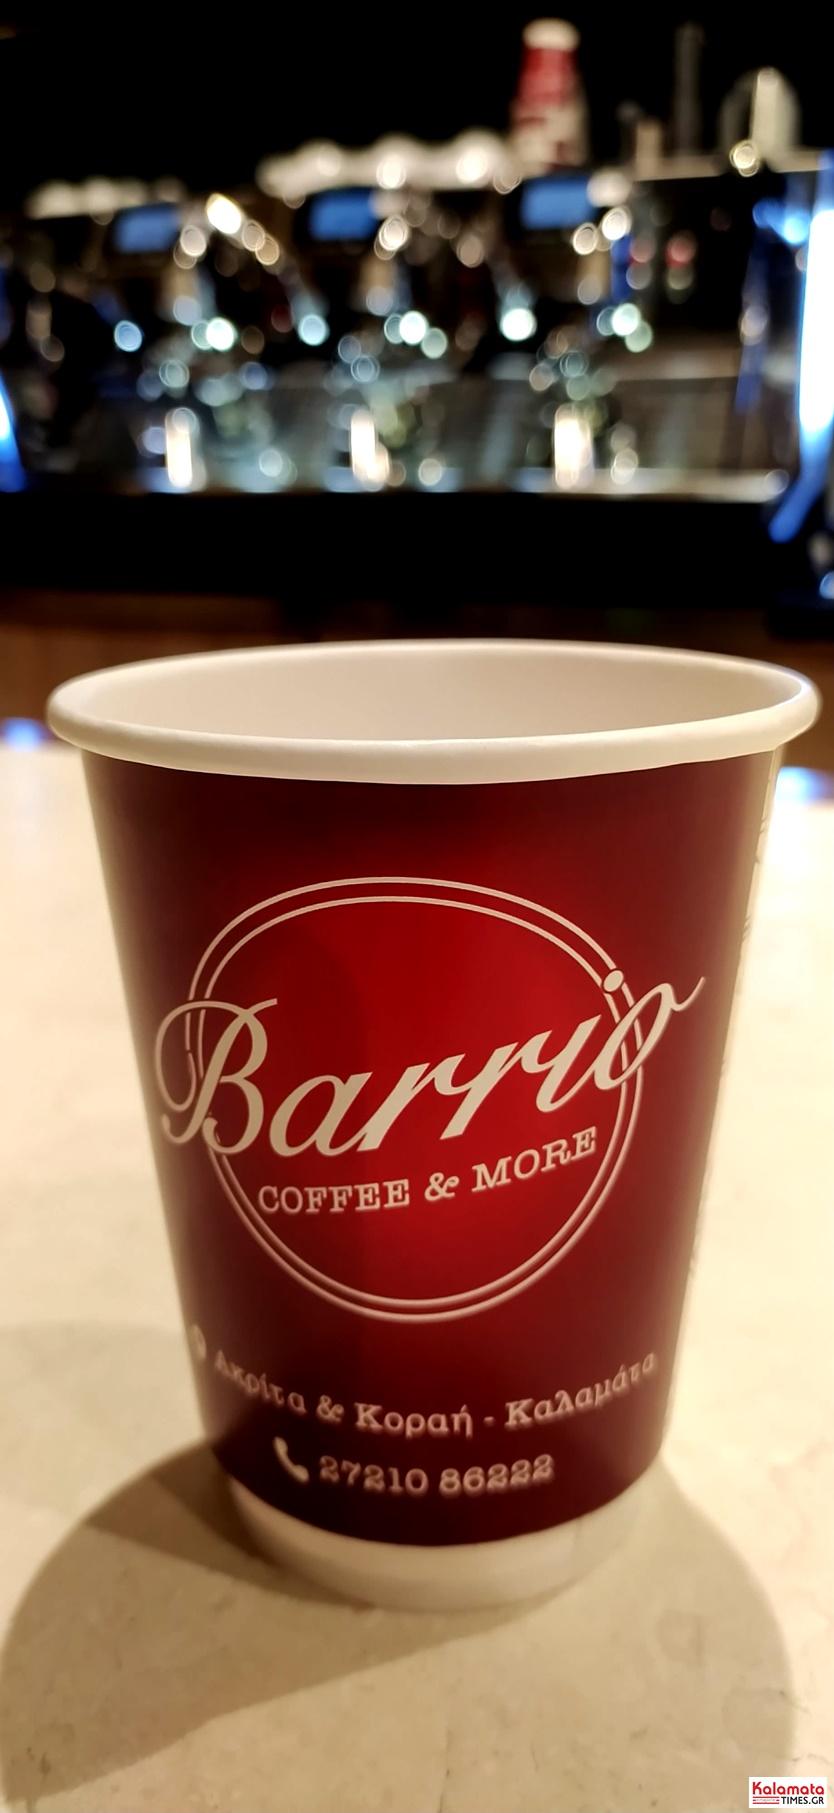 Νέο καφέ στην πόλη, Barrio coffee & more… με την υπογραφή της ποιότητας 7